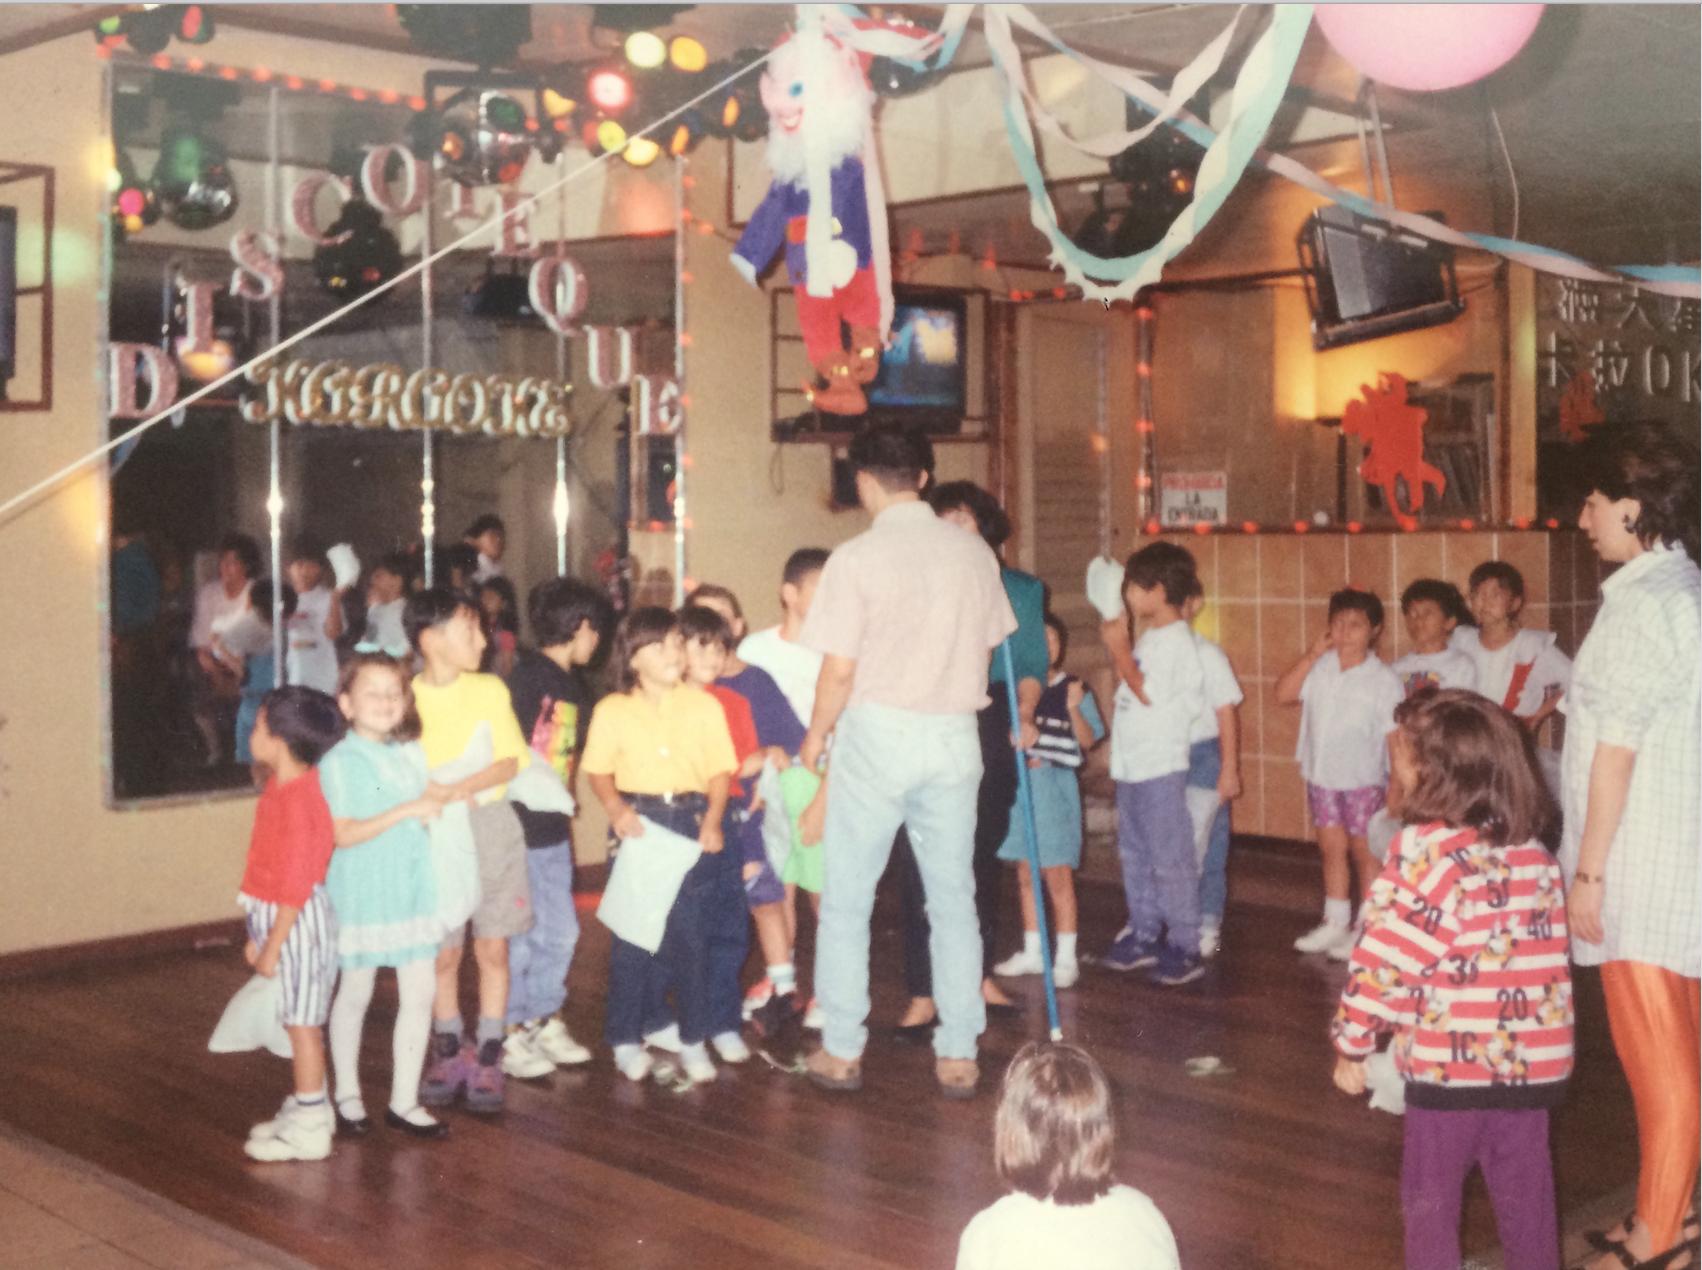 ¡Listos para la piñata! Karaoke 88 era el lugar oficial para las celebraciones familiares, aquí en la fiesta de cumpleaños de mi hermano.